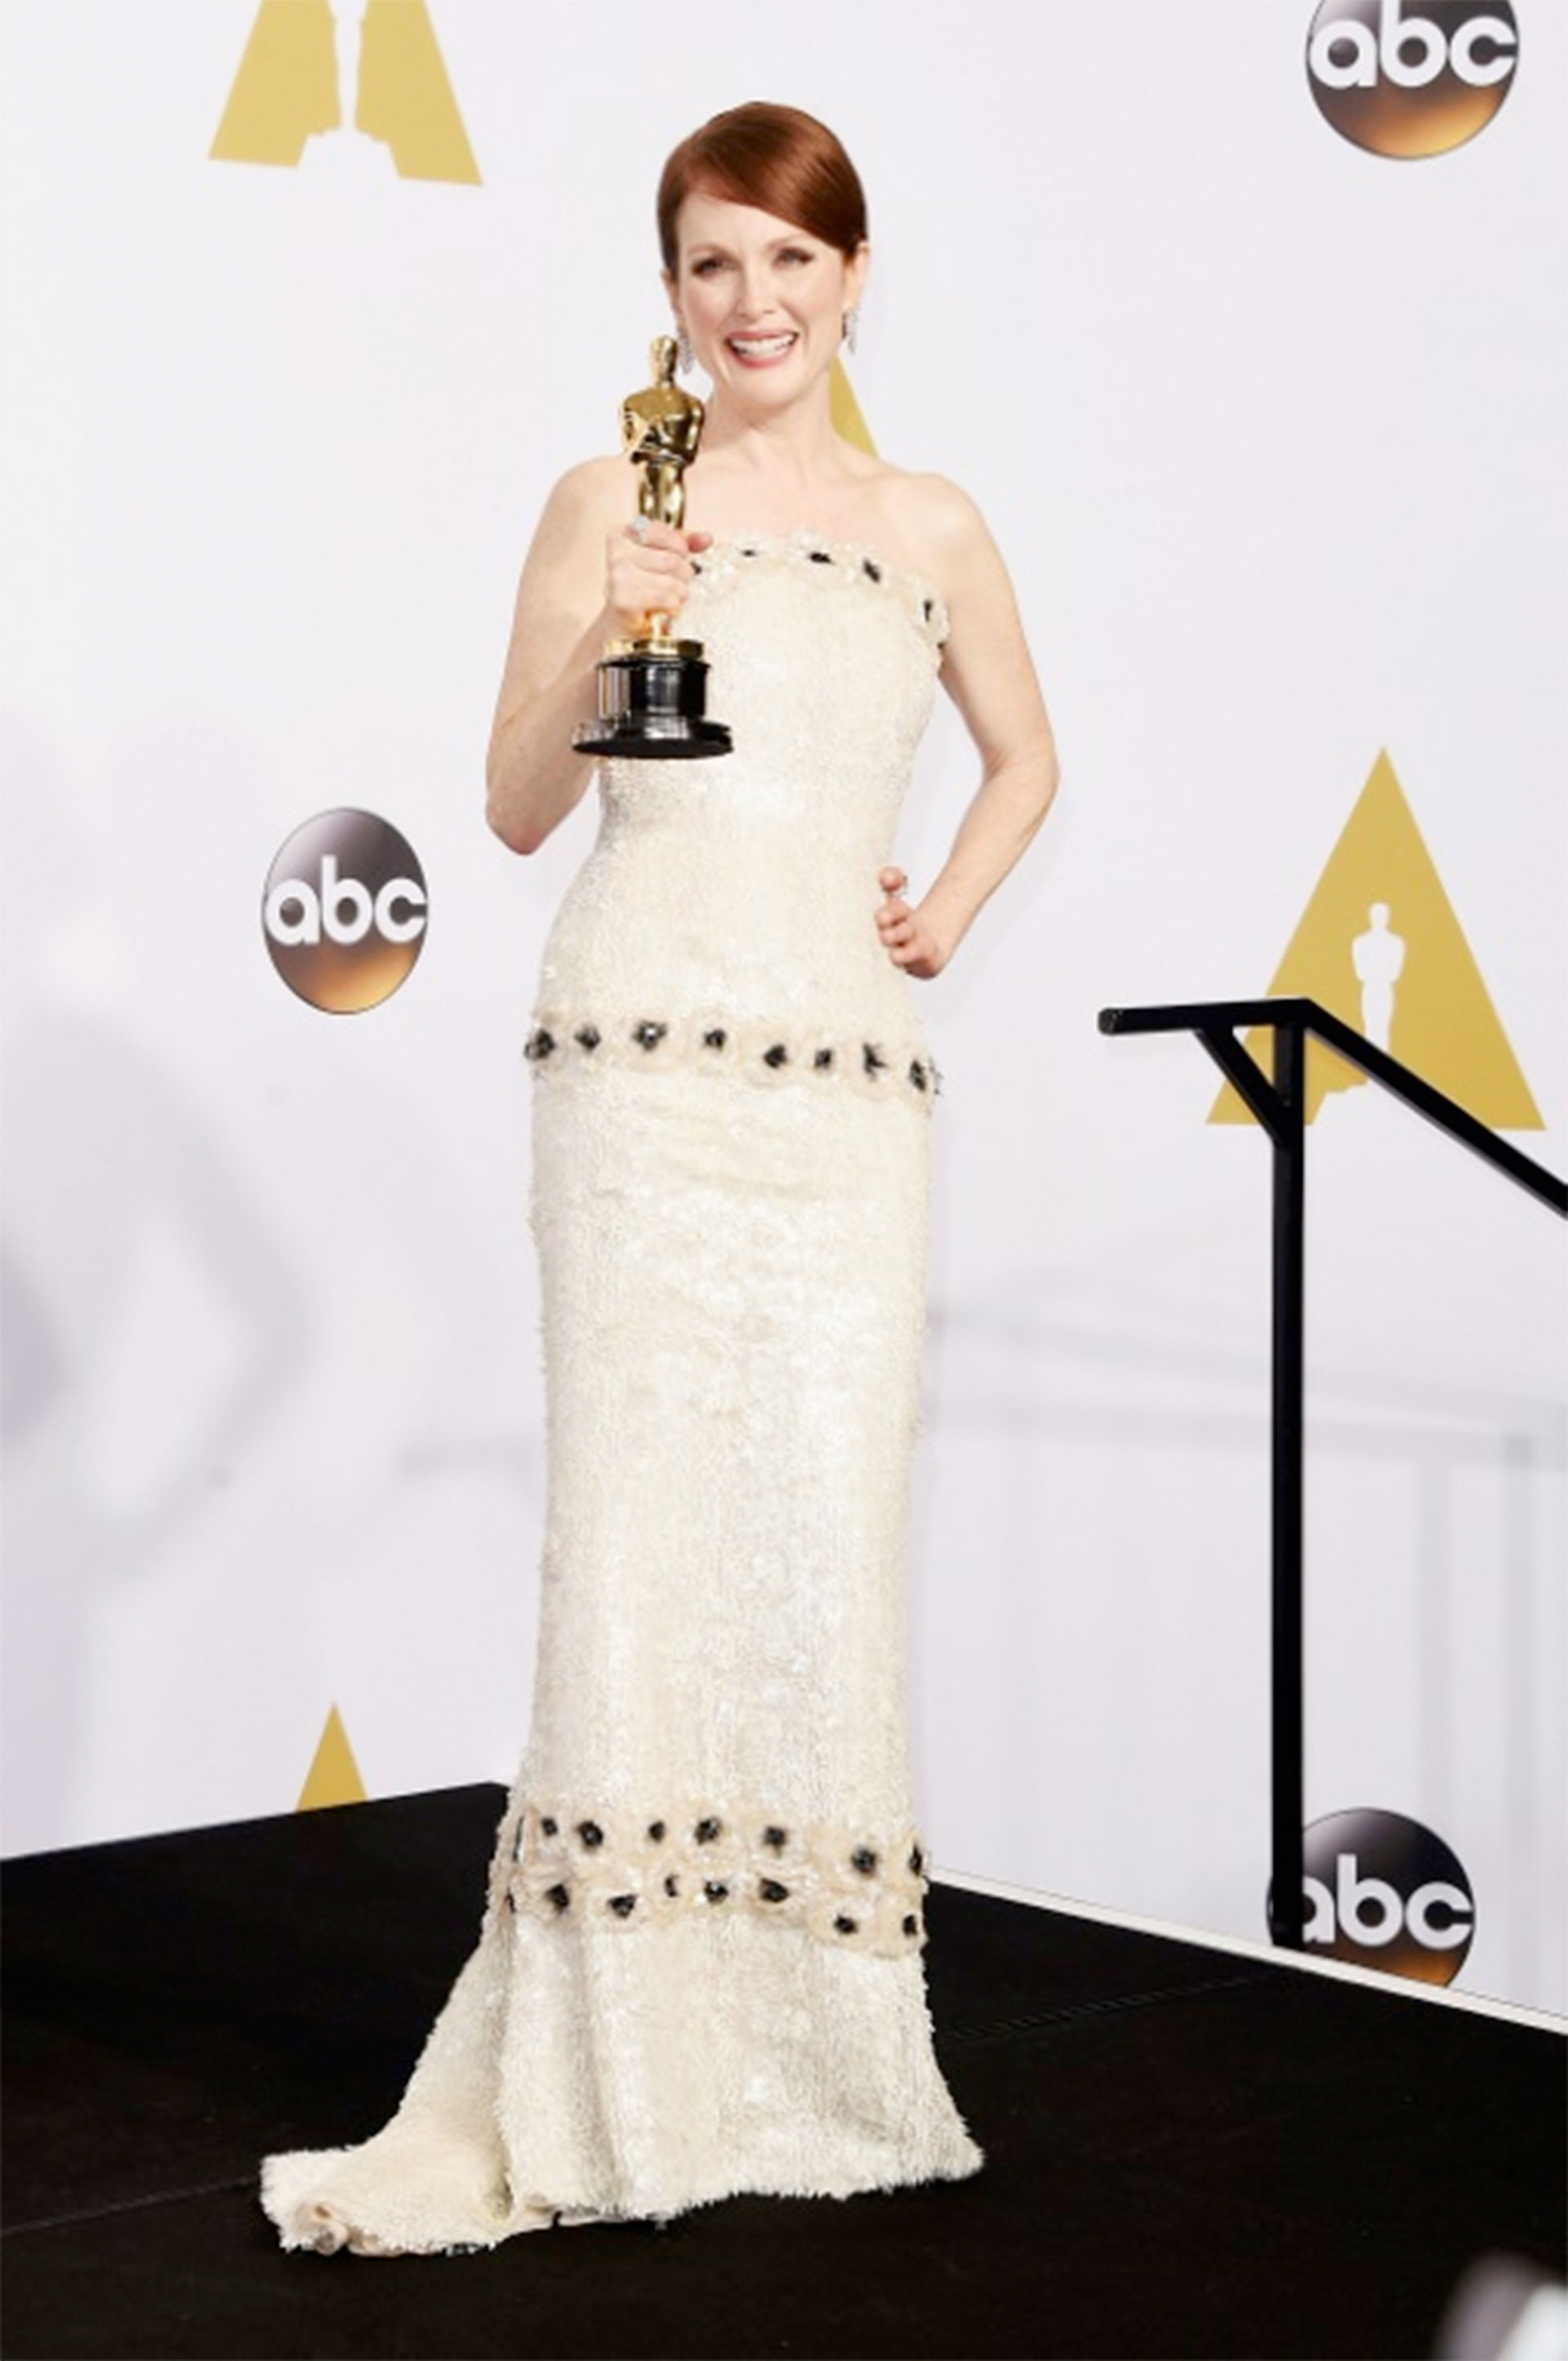 La actriz Julianne Moore recibió su Óscar a la mejor actriz con un vestido de Chanel en 2015 (GETTY IMAGES NORTH AMERICA/AFP – Jason Merritt)